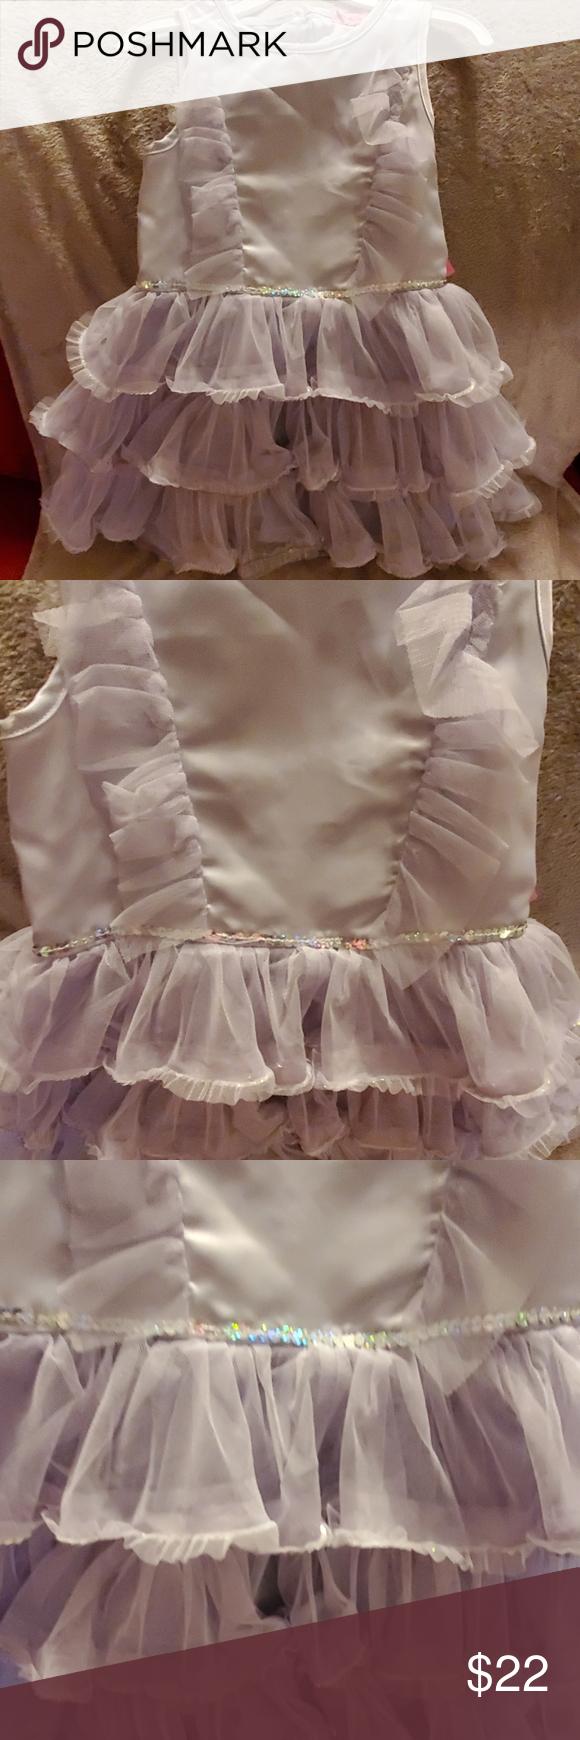 Betsey Johnson Purple Dress Size 4t Nwts Purple Dress Dresses Betsey Johnson Dresses [ 1740 x 580 Pixel ]